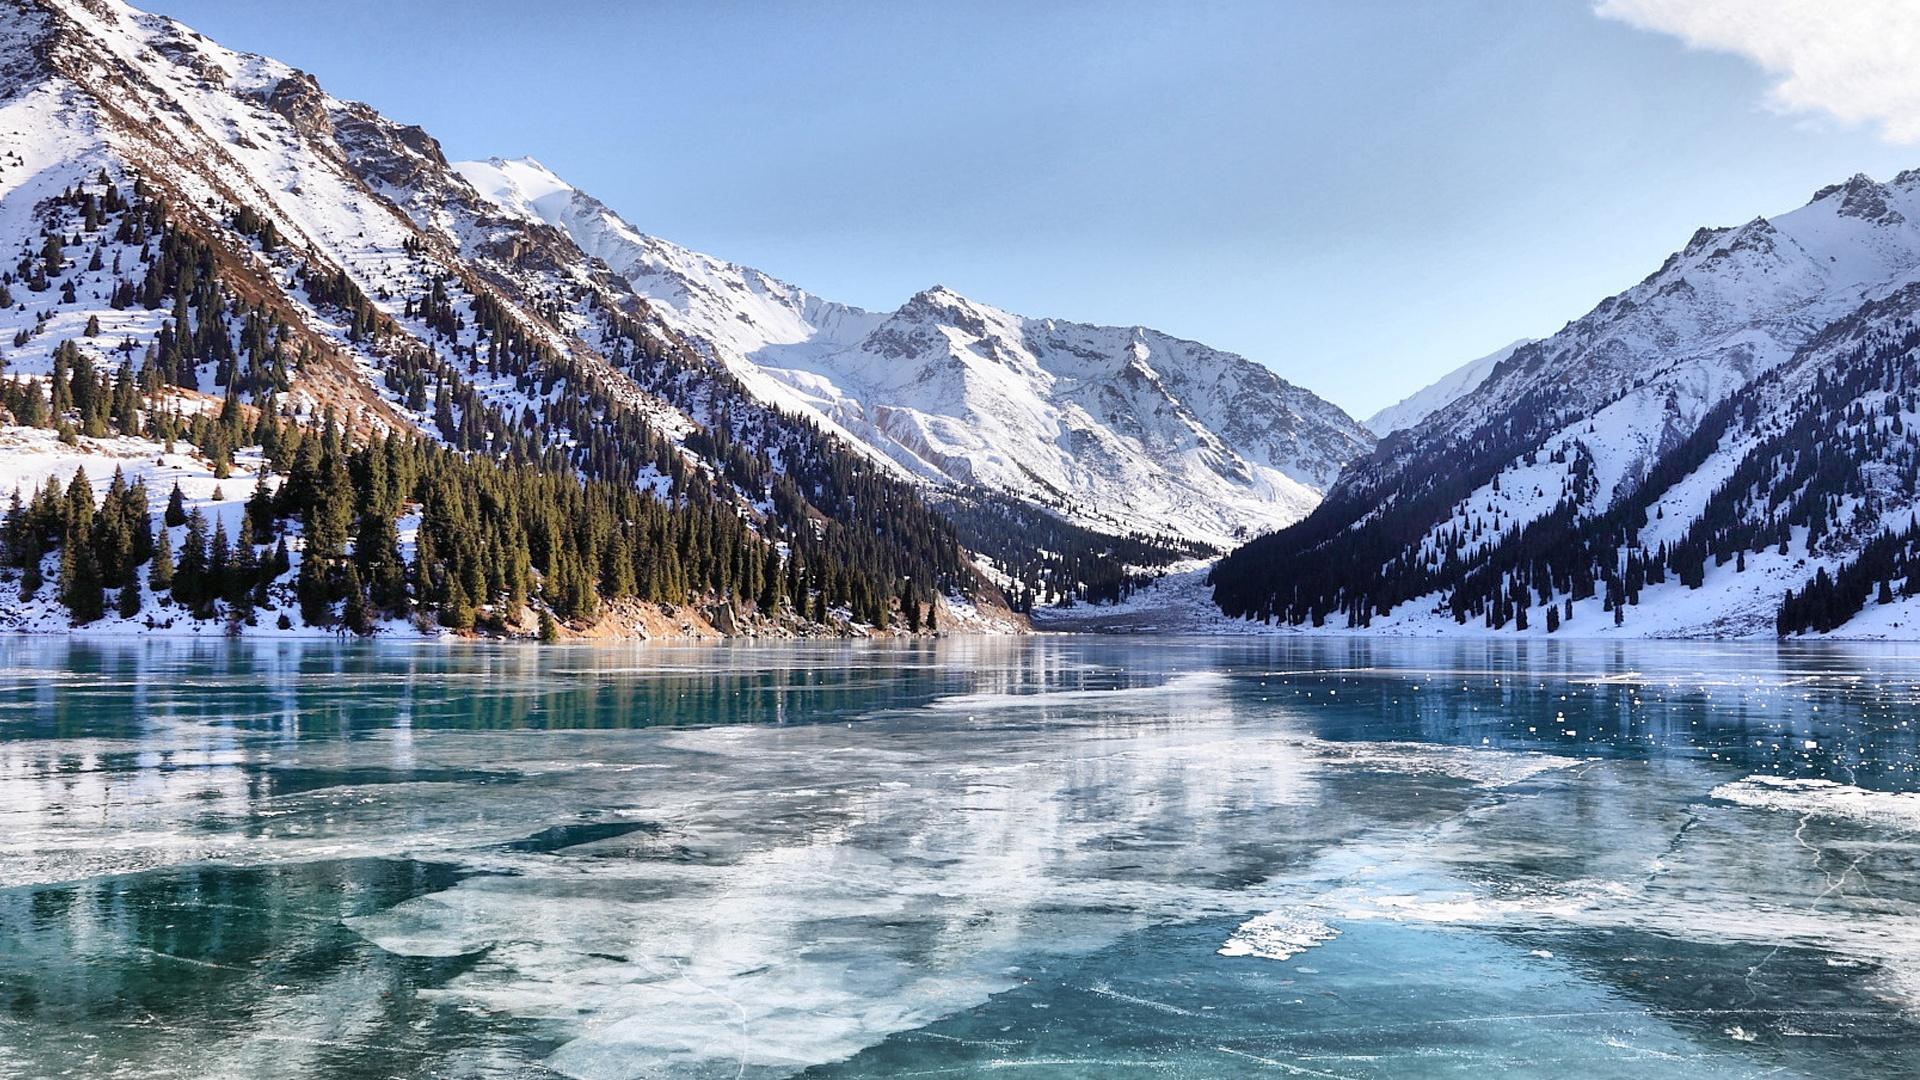 Almaty Winter See 1920x1080 Full Hd 2k Hintergrundbilder Hd